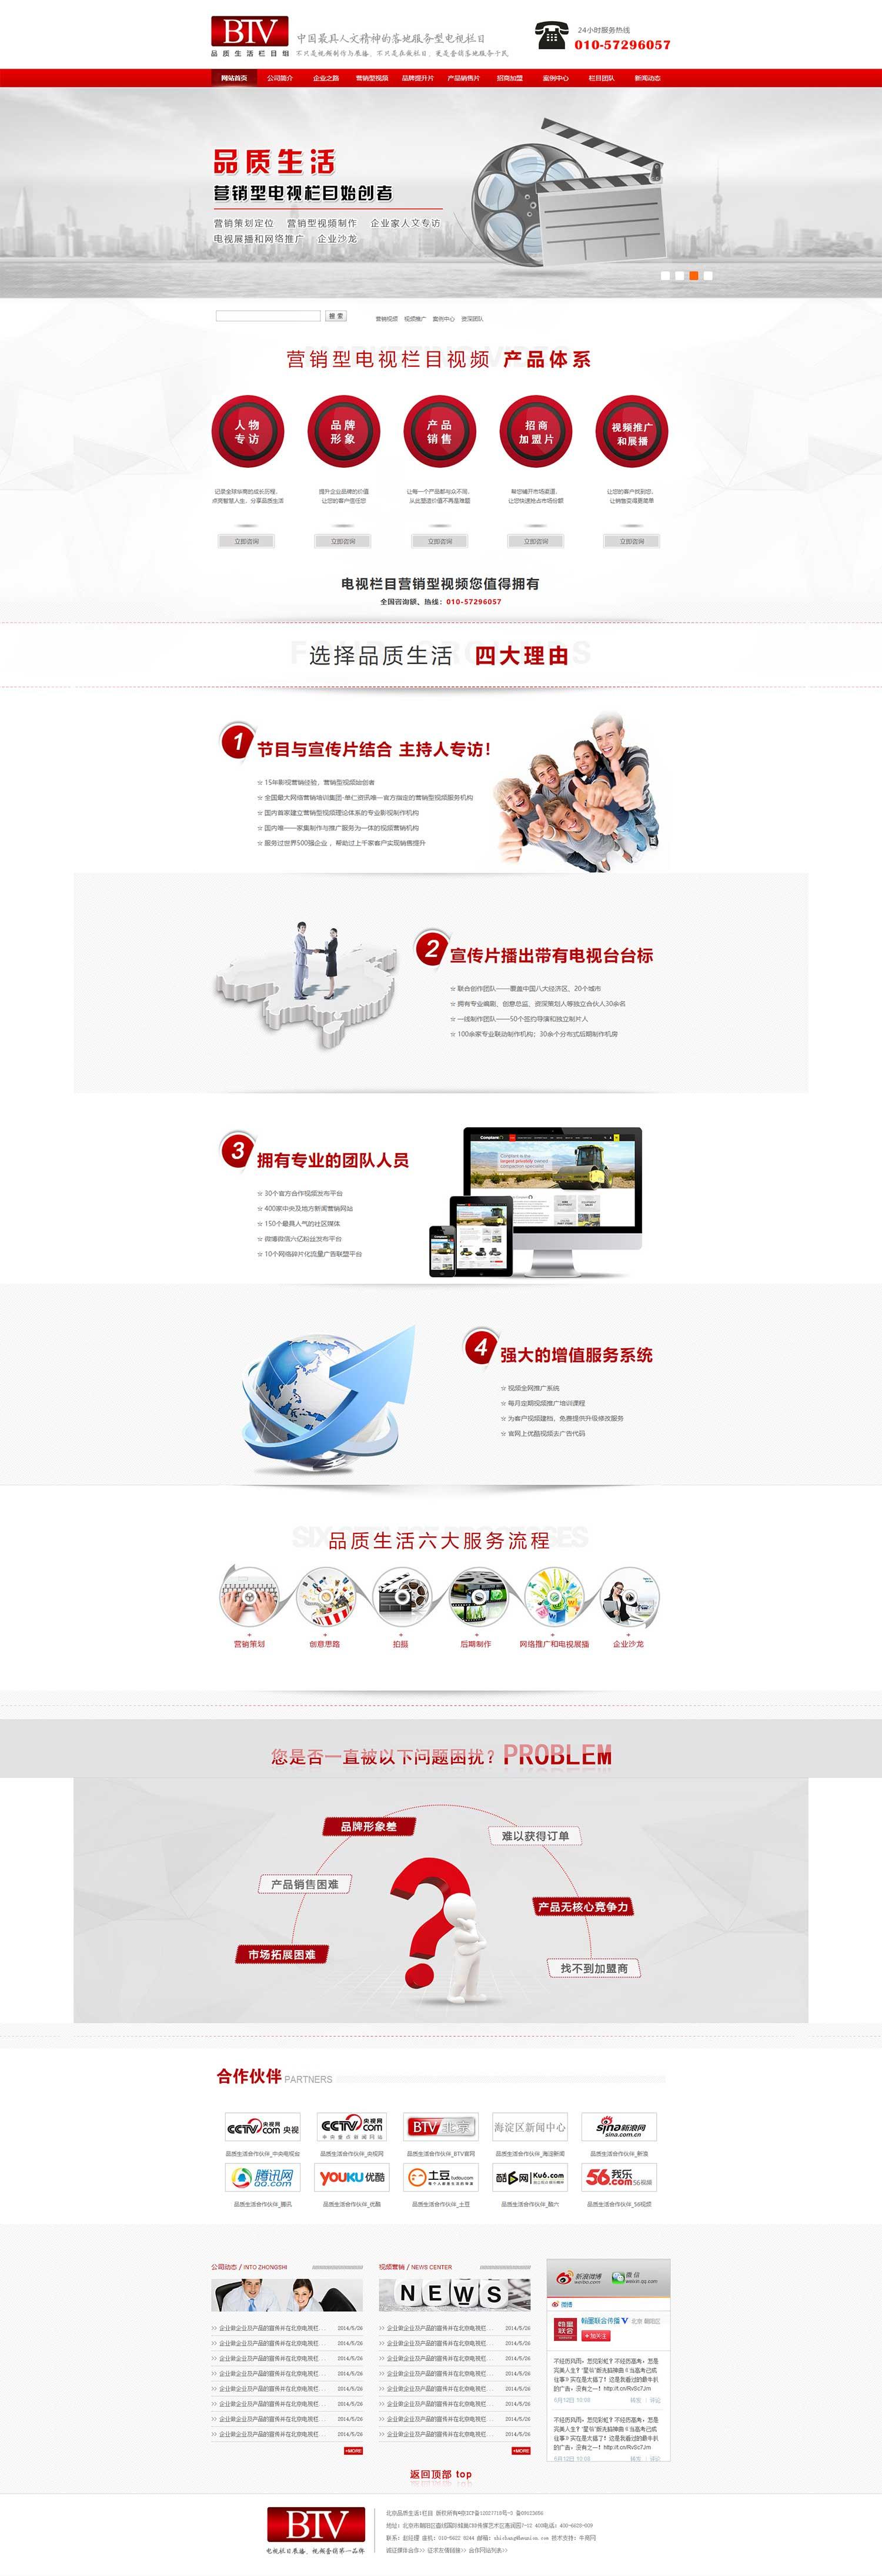 红色文化传媒新媒体公司网站模板